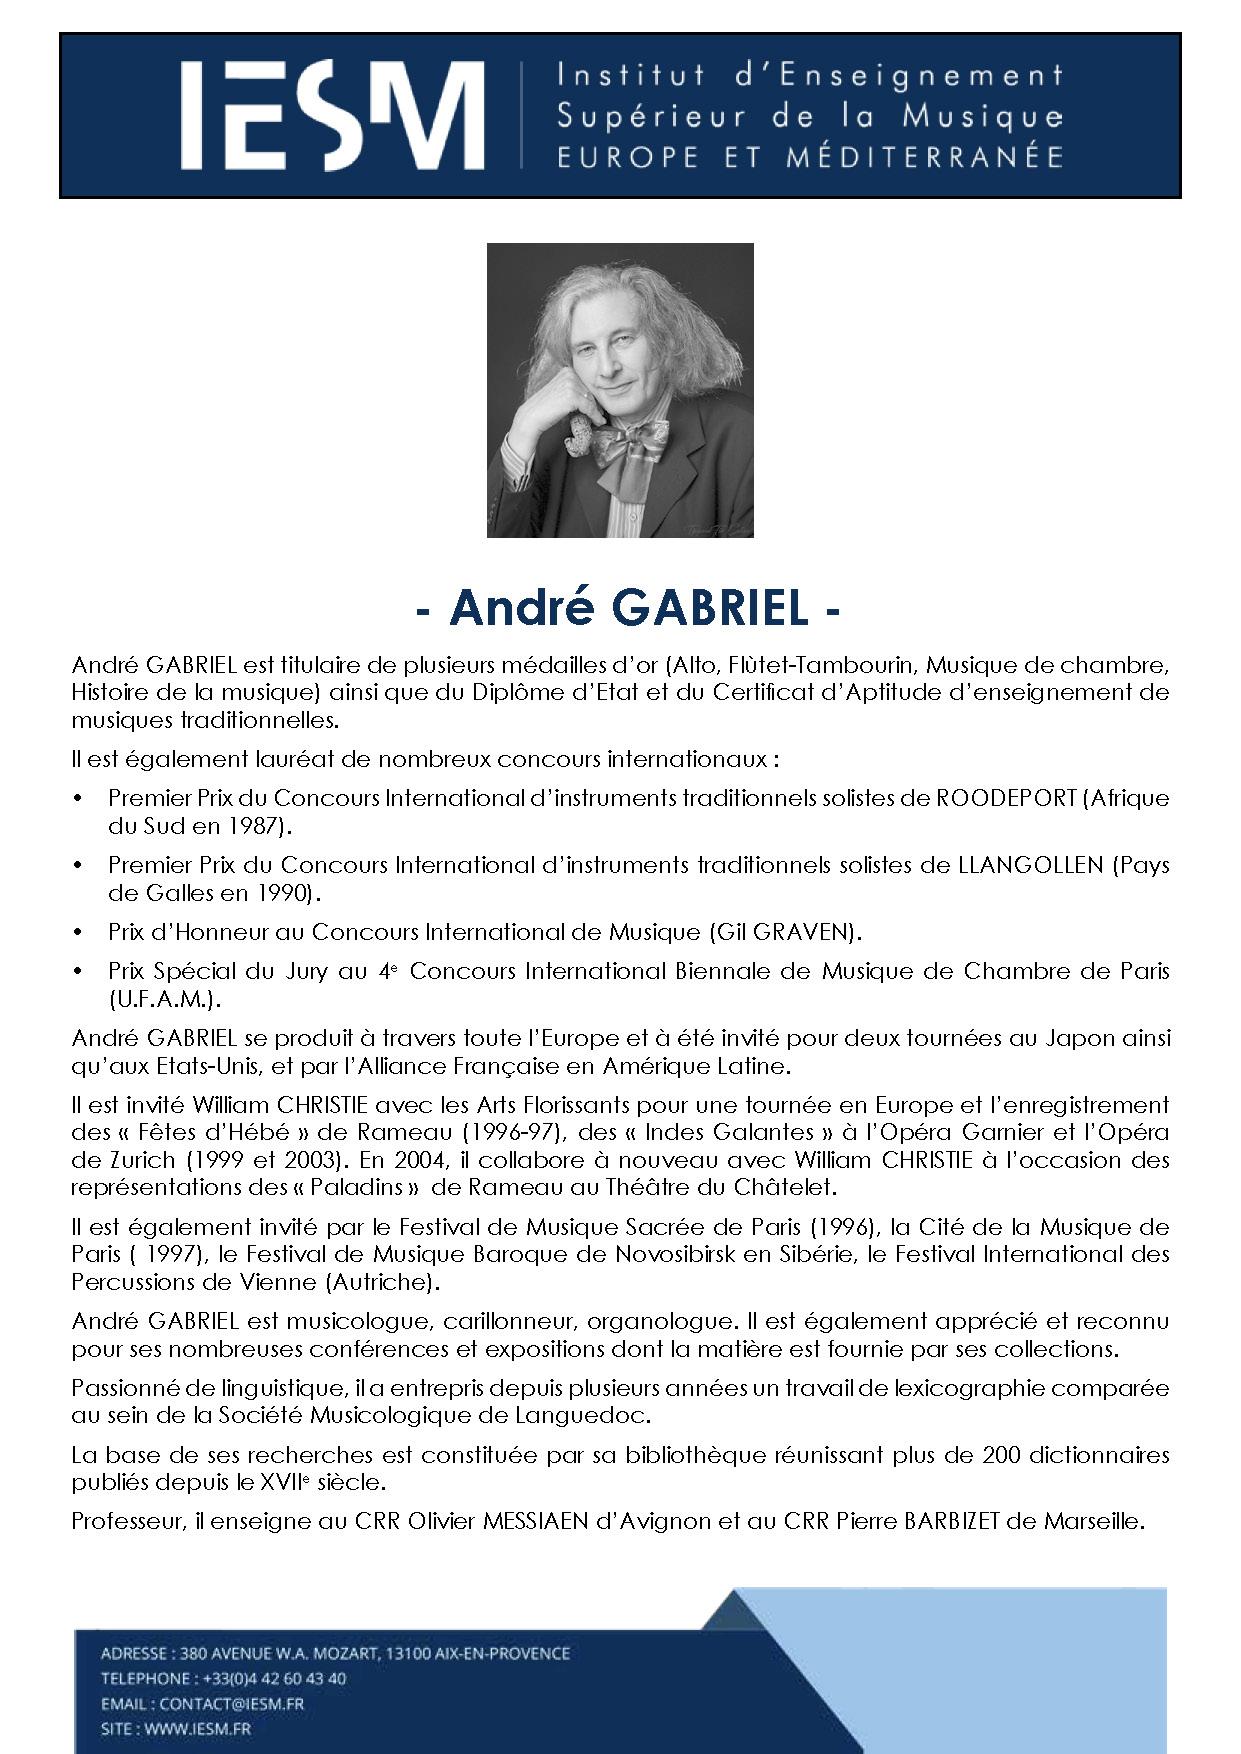 GABRI ANDREGABRIEL